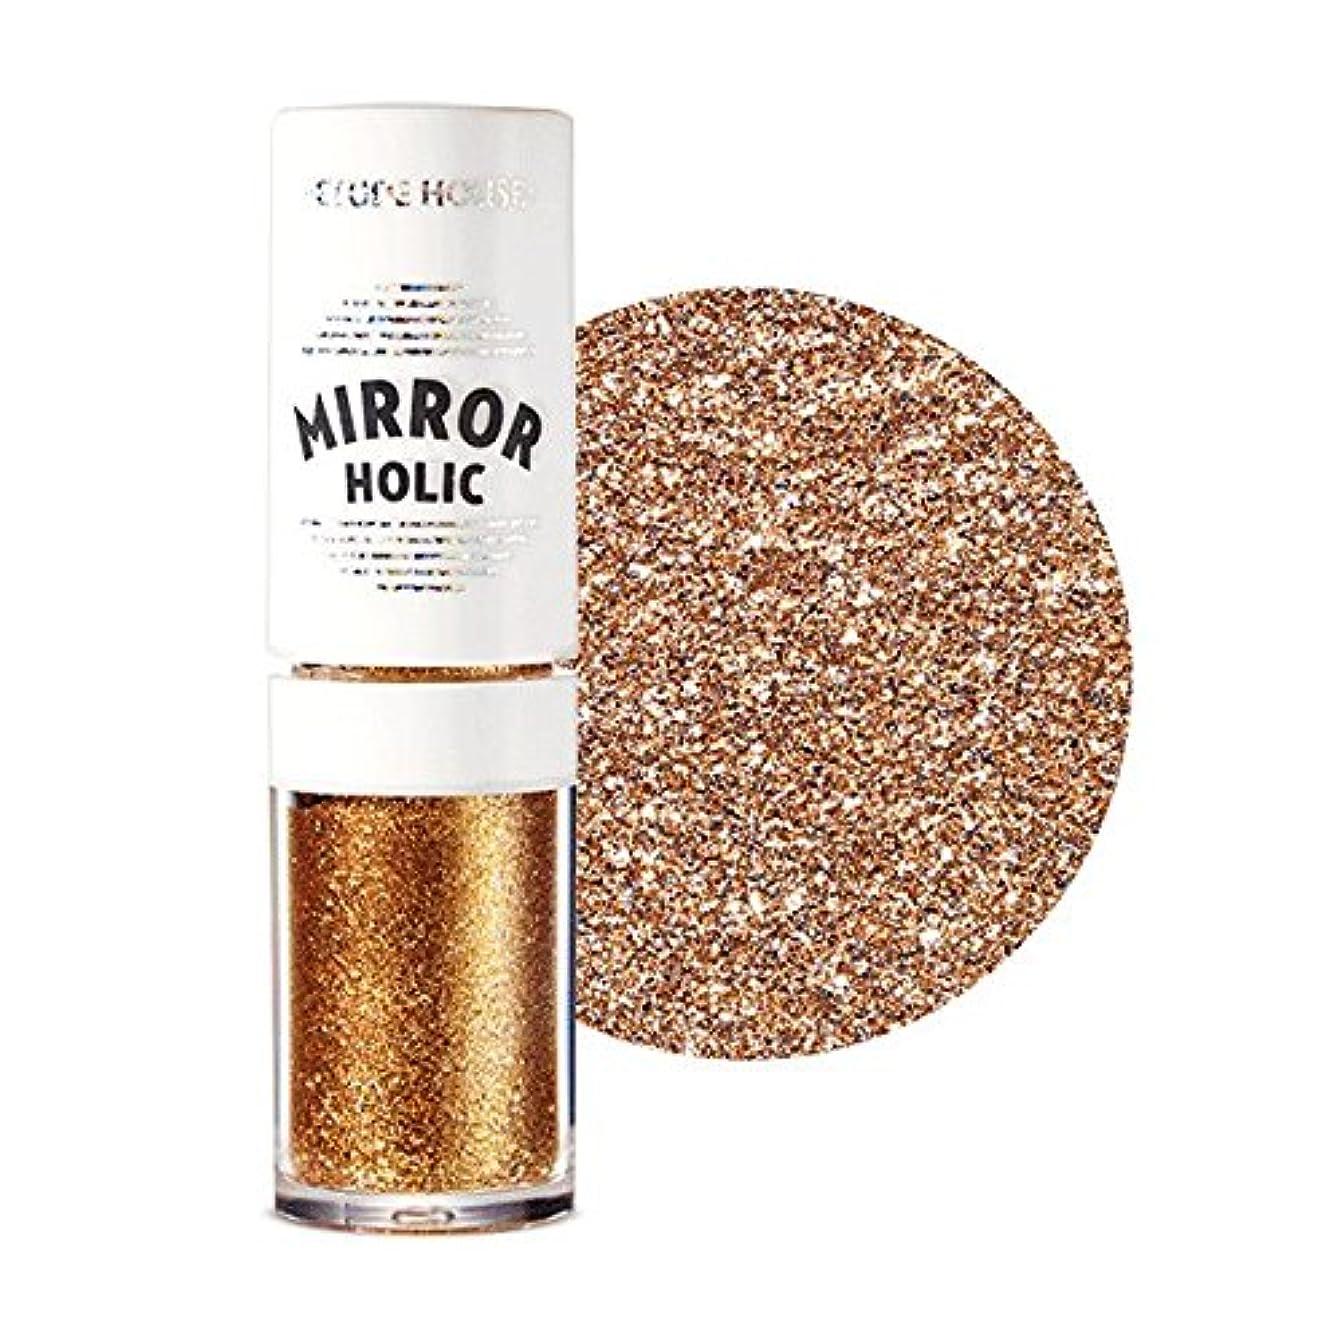 推定卒業ファセットETUDE HOUSE Mirror Holic Liquid Eyes / エチュードハウス ミラーホリックリキッドアイズ ミラーホリックリキッドアイズ (BE102) [並行輸入品]